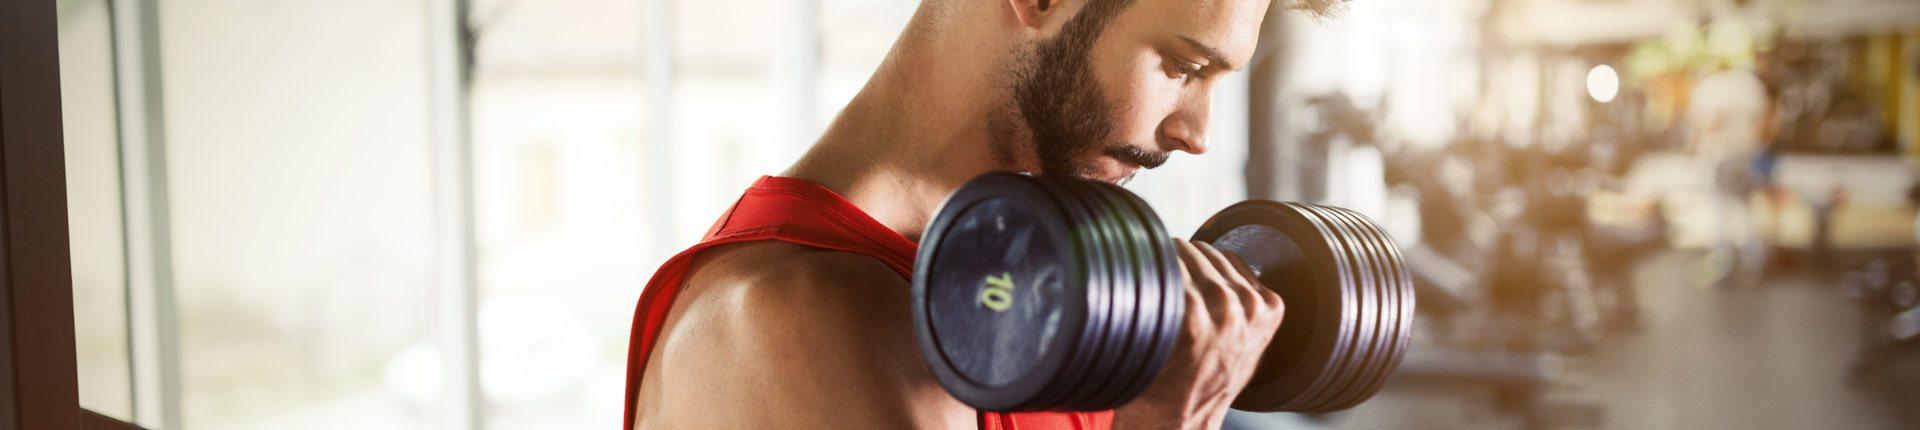 Powrót na siłownie-jak ćwiczyć po przerwie. Gotowy plan treningowy!